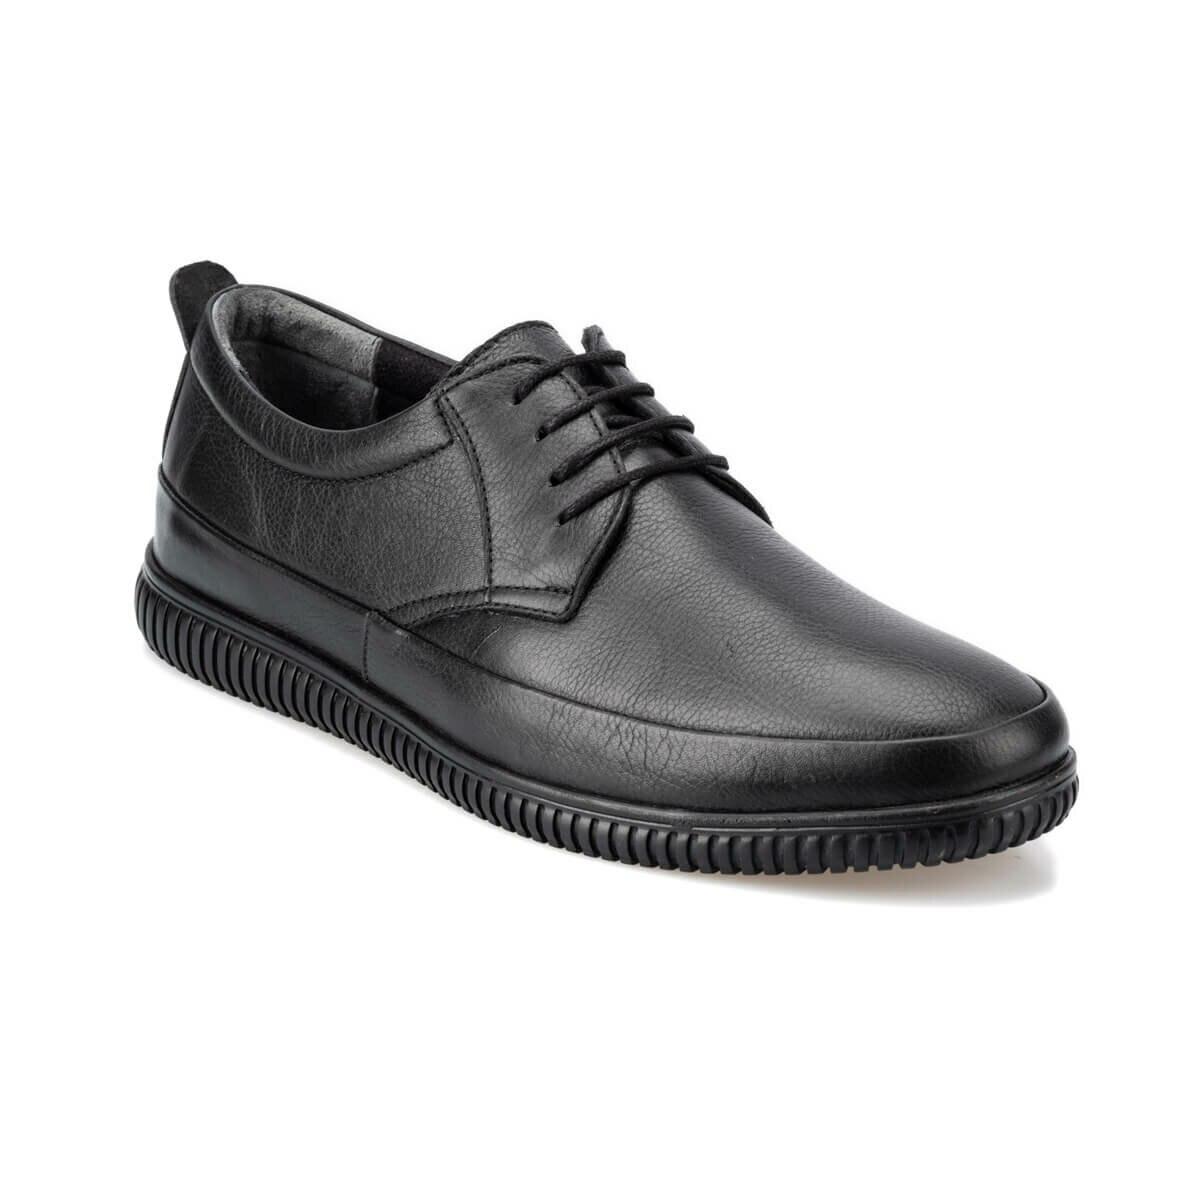 Flo 92.100478.M Zwarte Mannelijke Schoenen Polaris 5 Punt